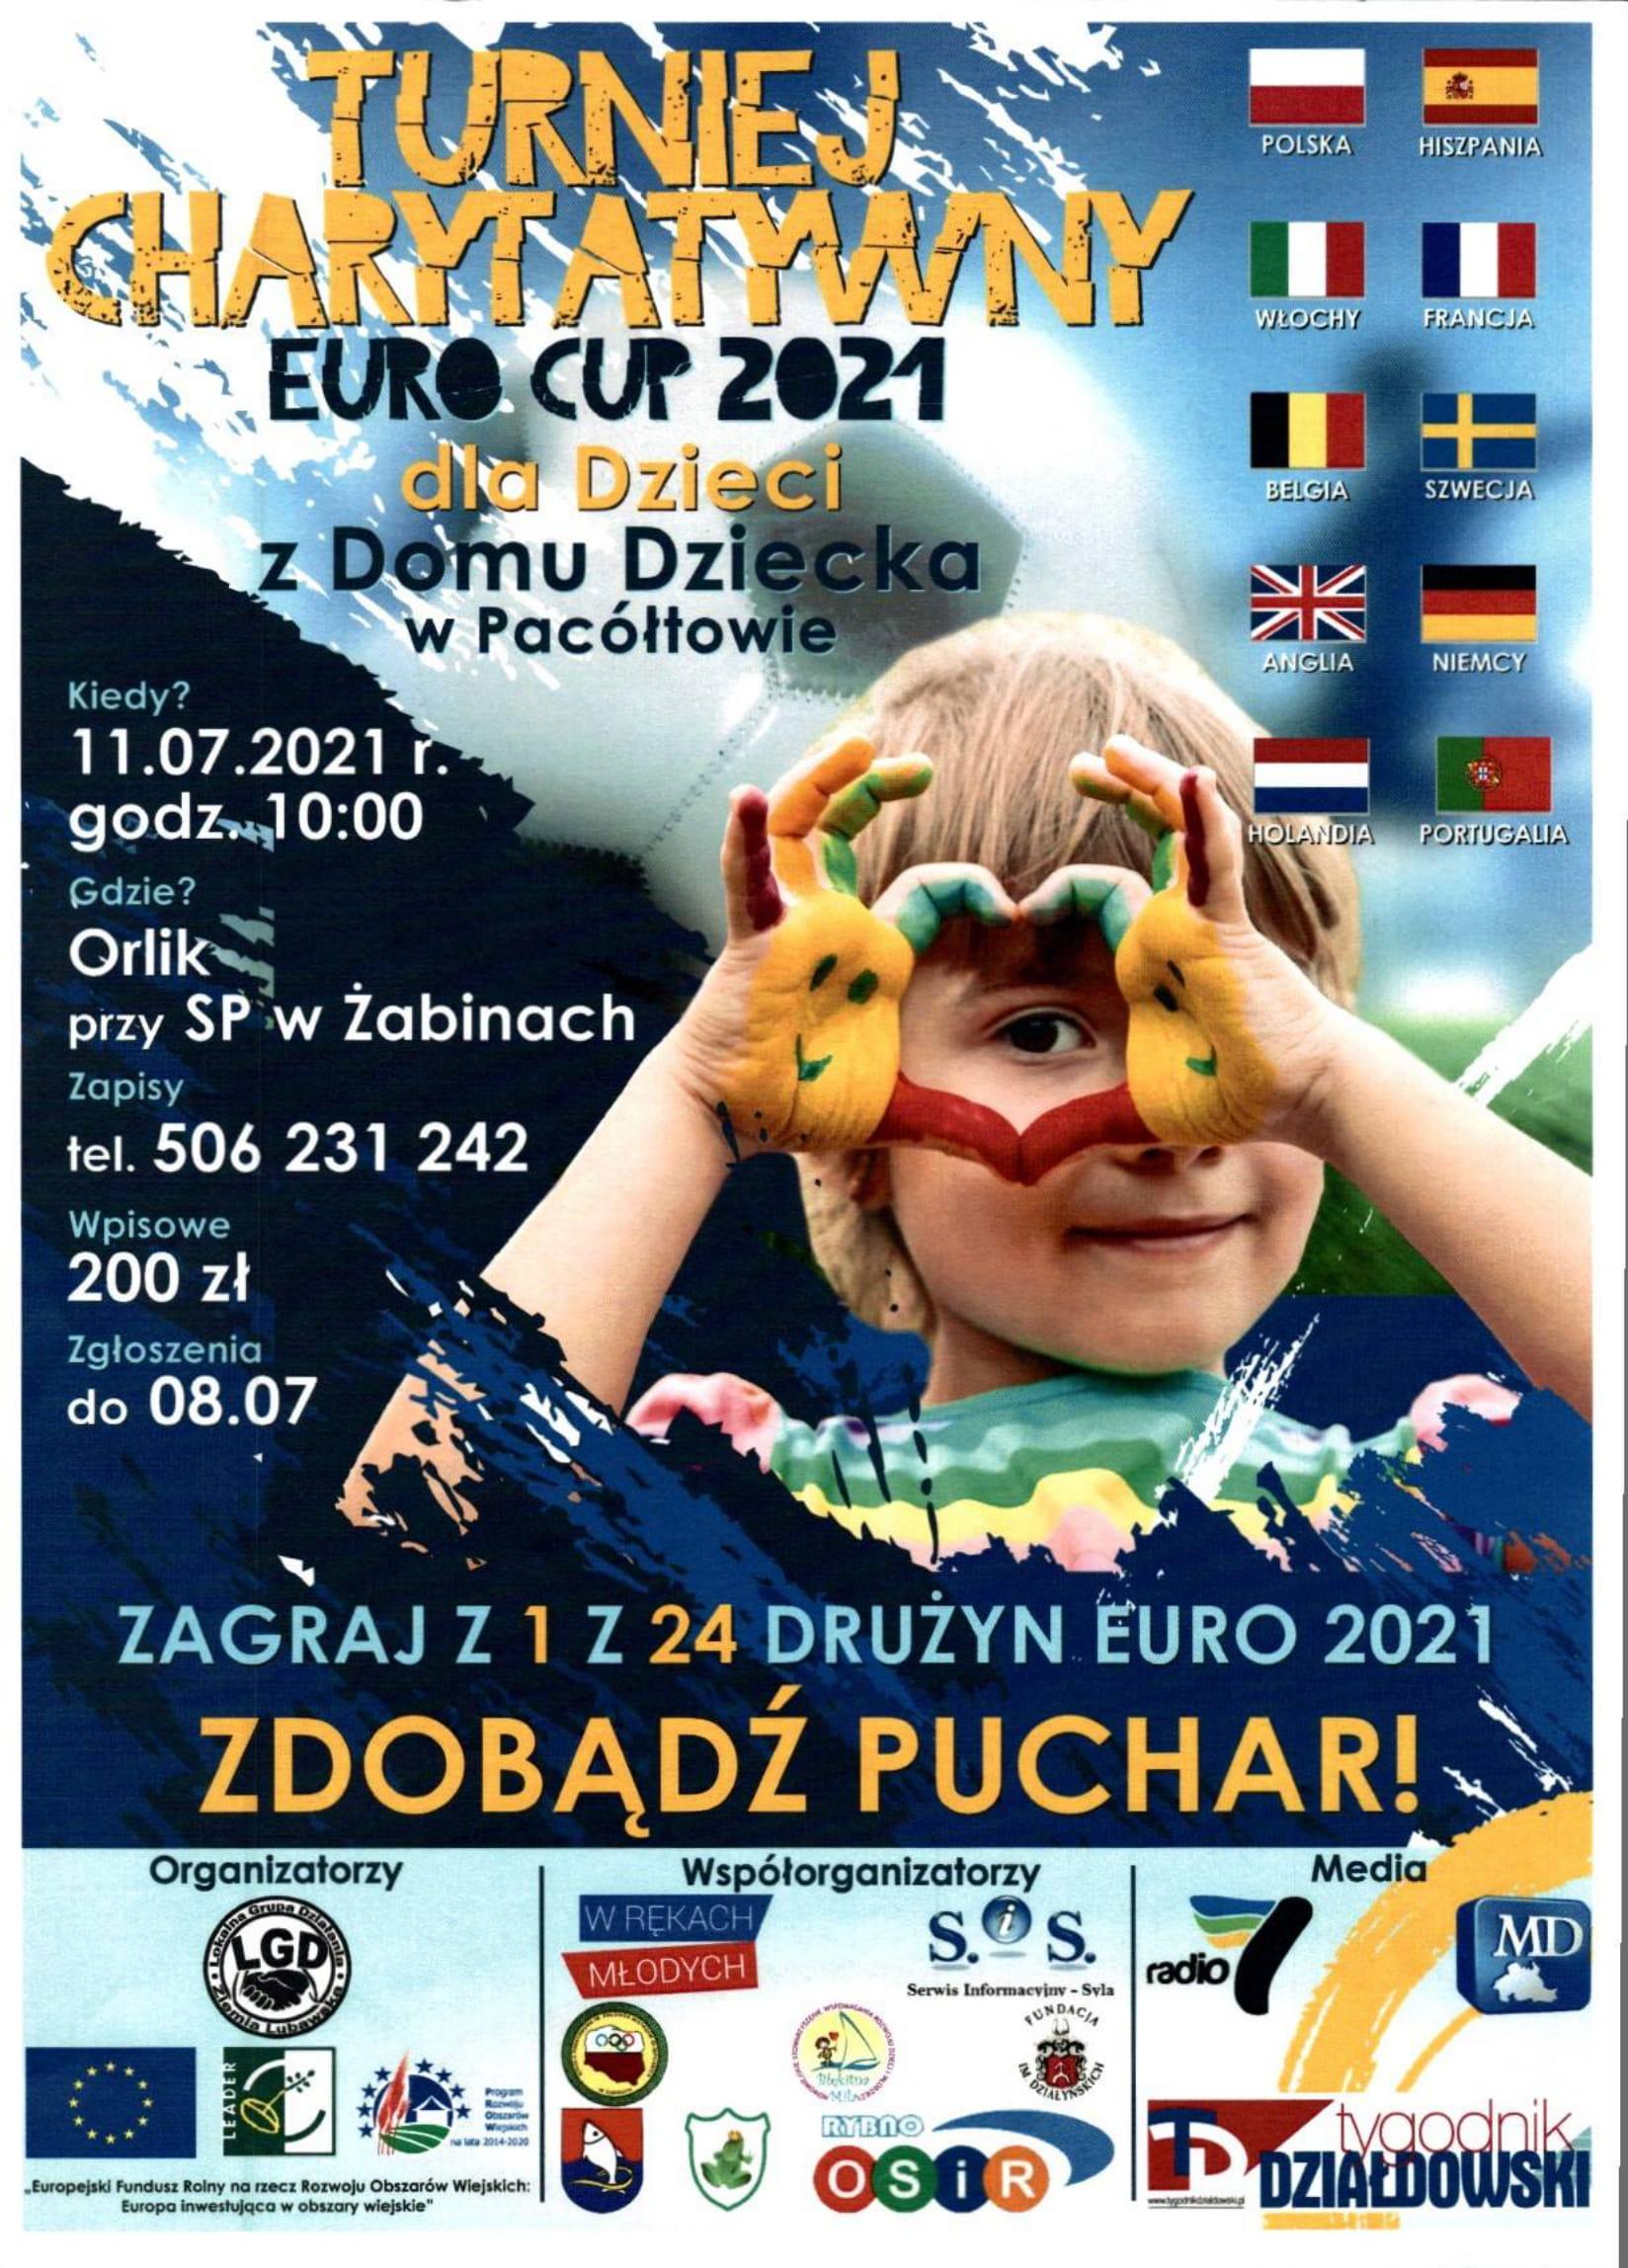 Ilustracja do informacji: Turniej charytatywny EURO CUP 2021 dla dzieci z Domu Dziecka w Pacółtowie